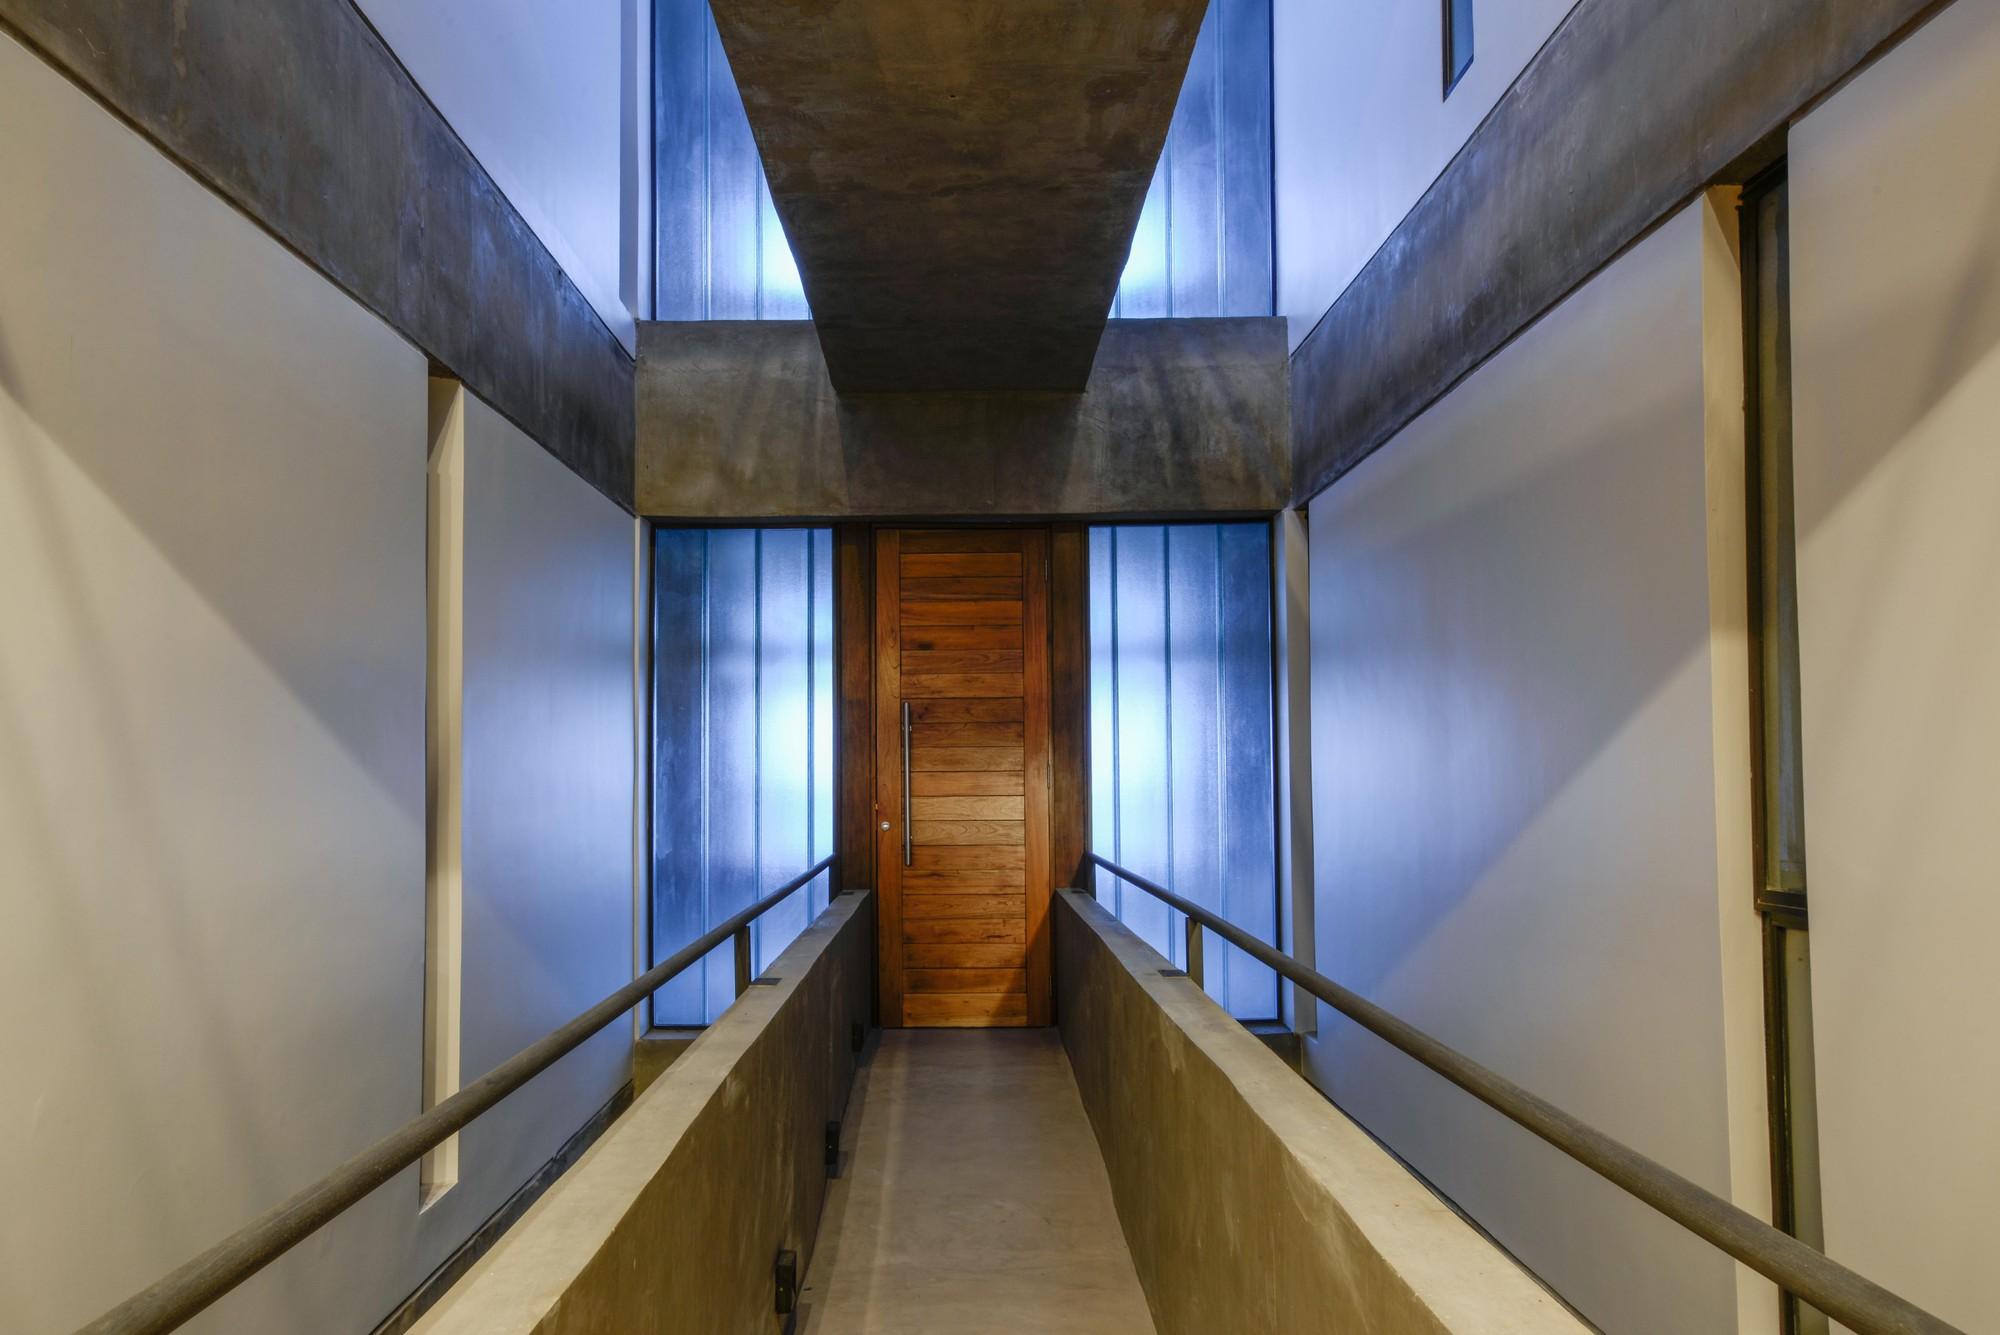 From San Jose To San Francisco >> Galeria de Edifício San Francisco / José Cubilla - 2